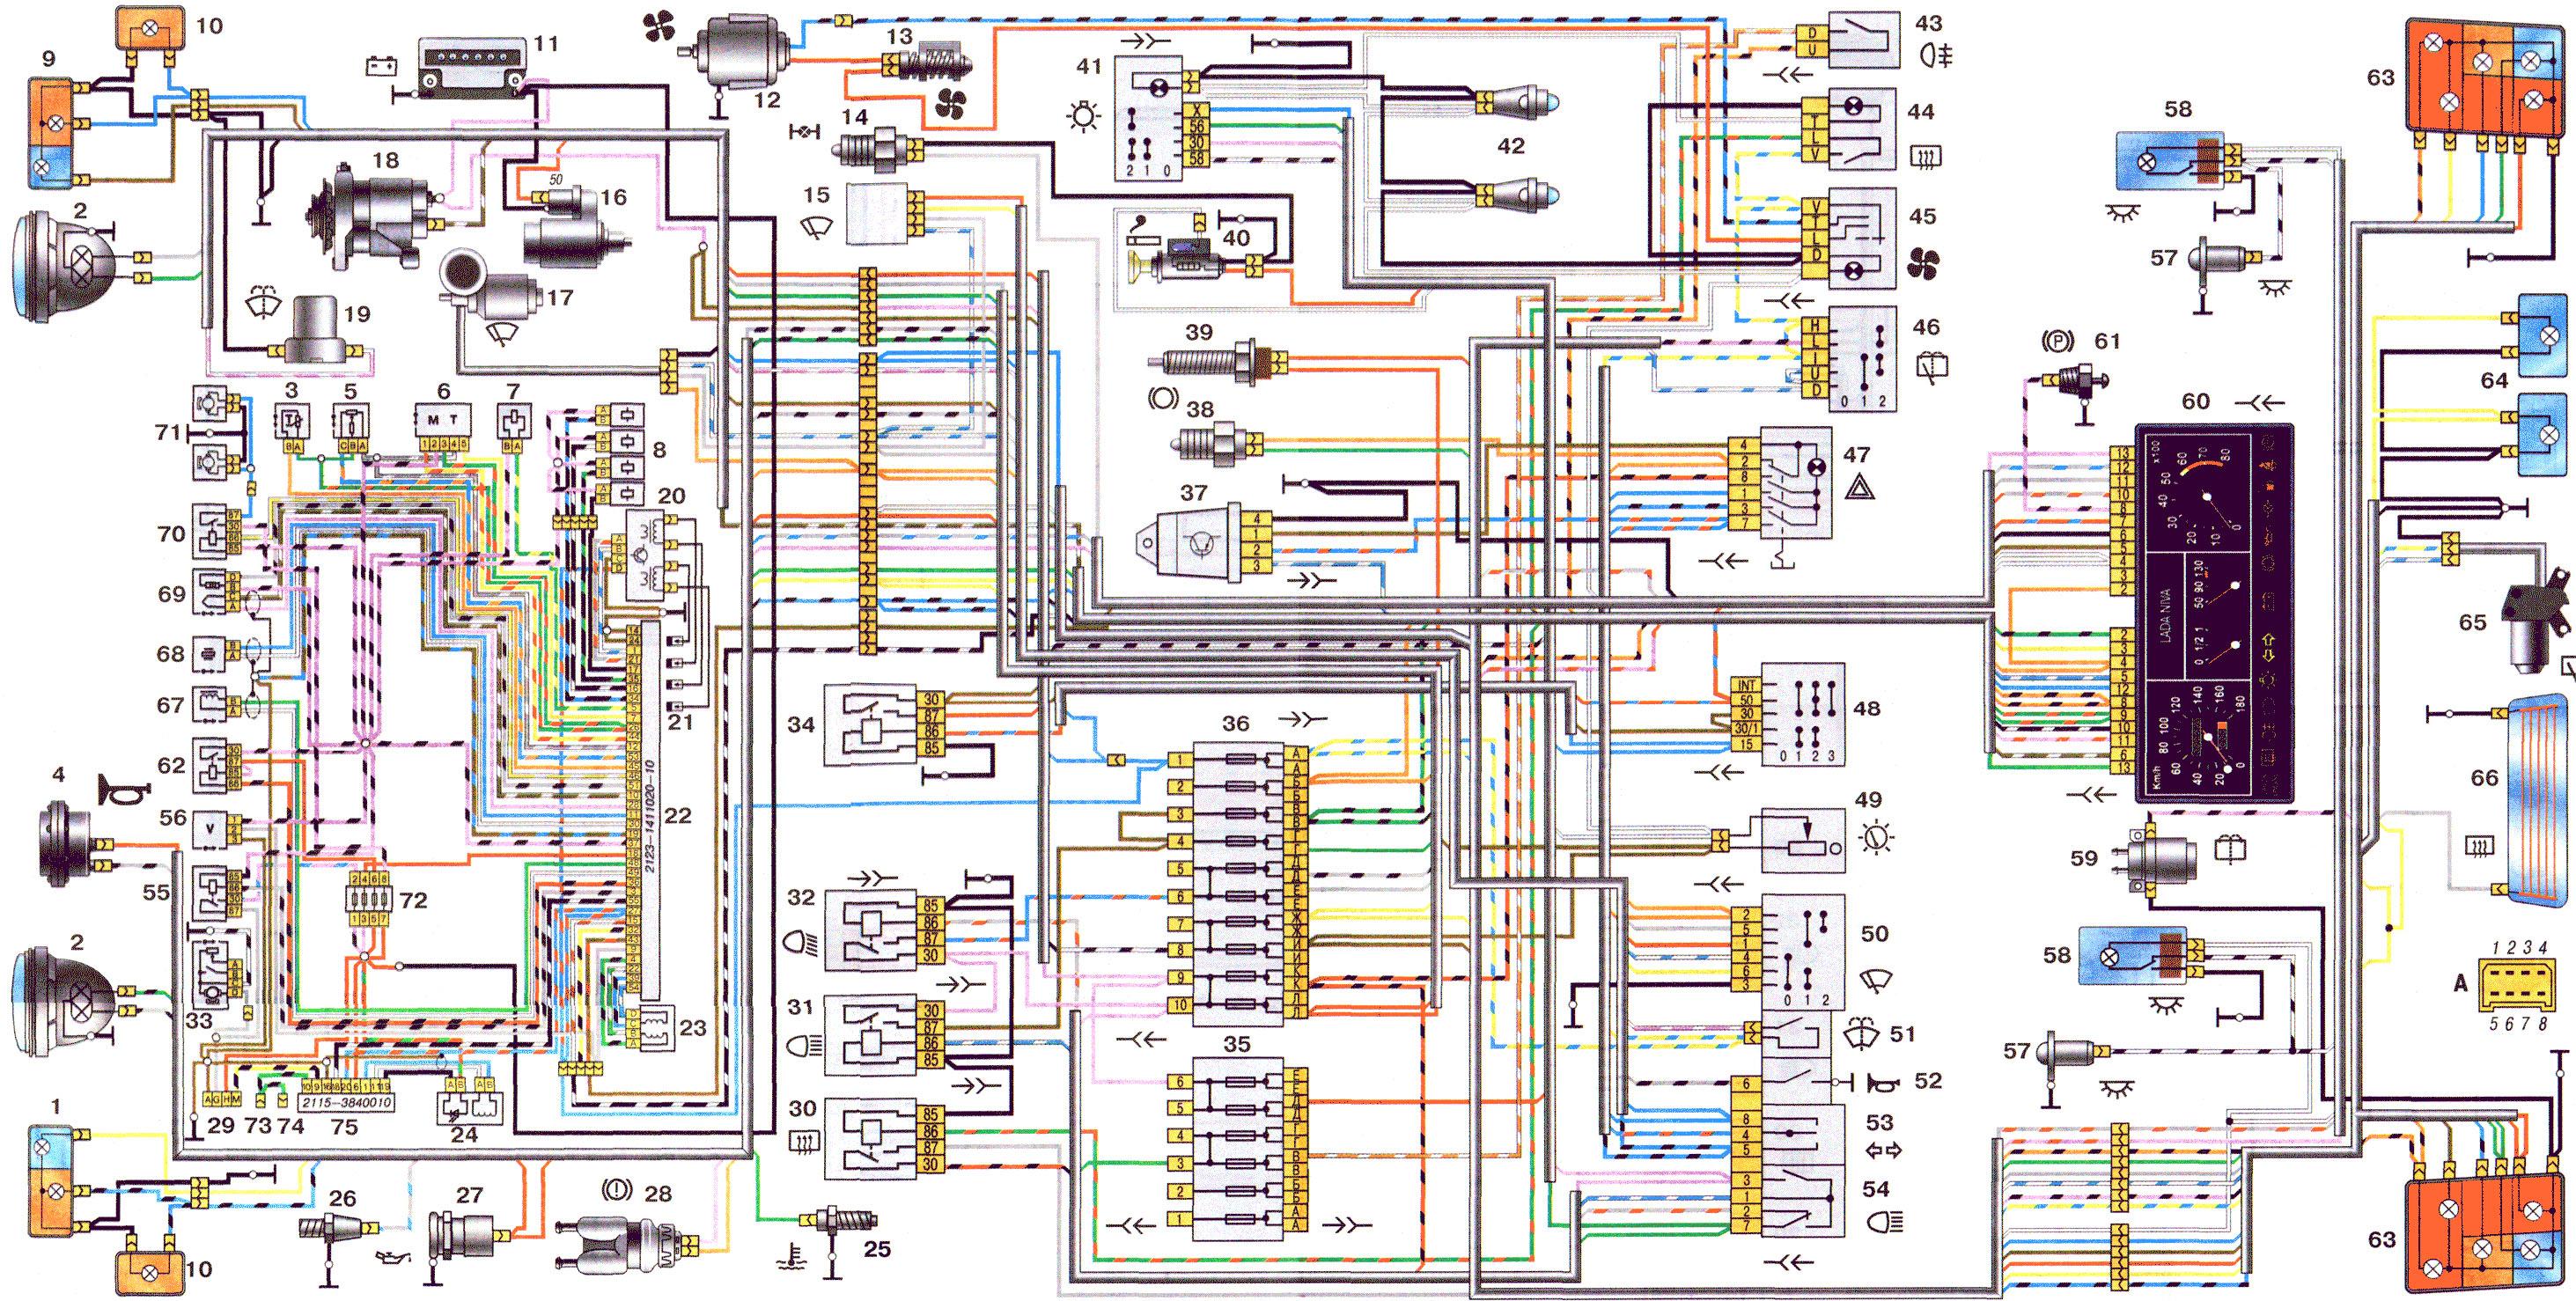 эл схема датчика вкл вентилятора ваз 2109